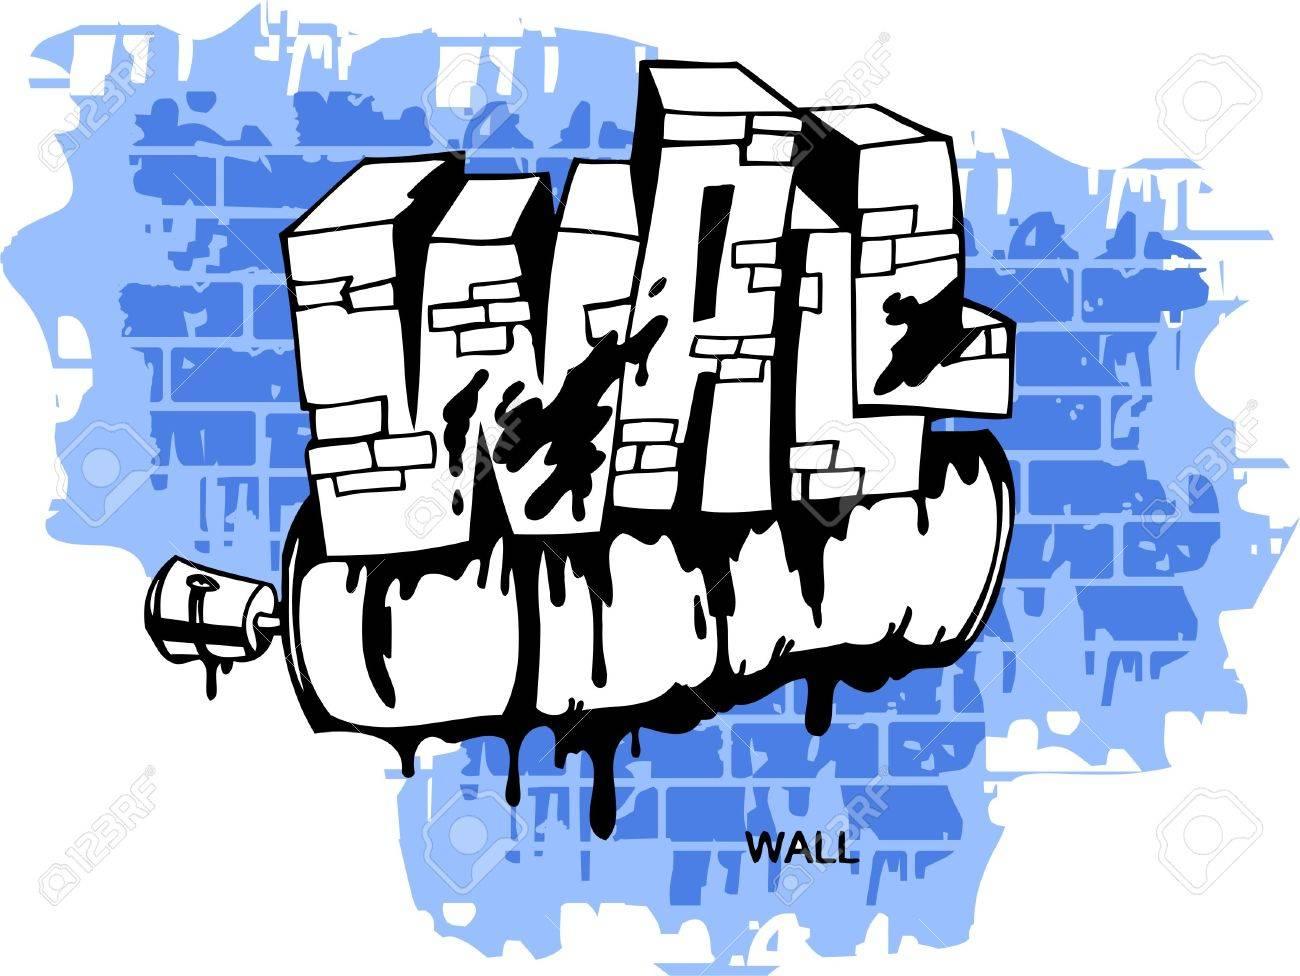 Graffiti wall vinyl - Graffiti Wall And Spray Vector Illustration Vinyl Ready Stock Vector